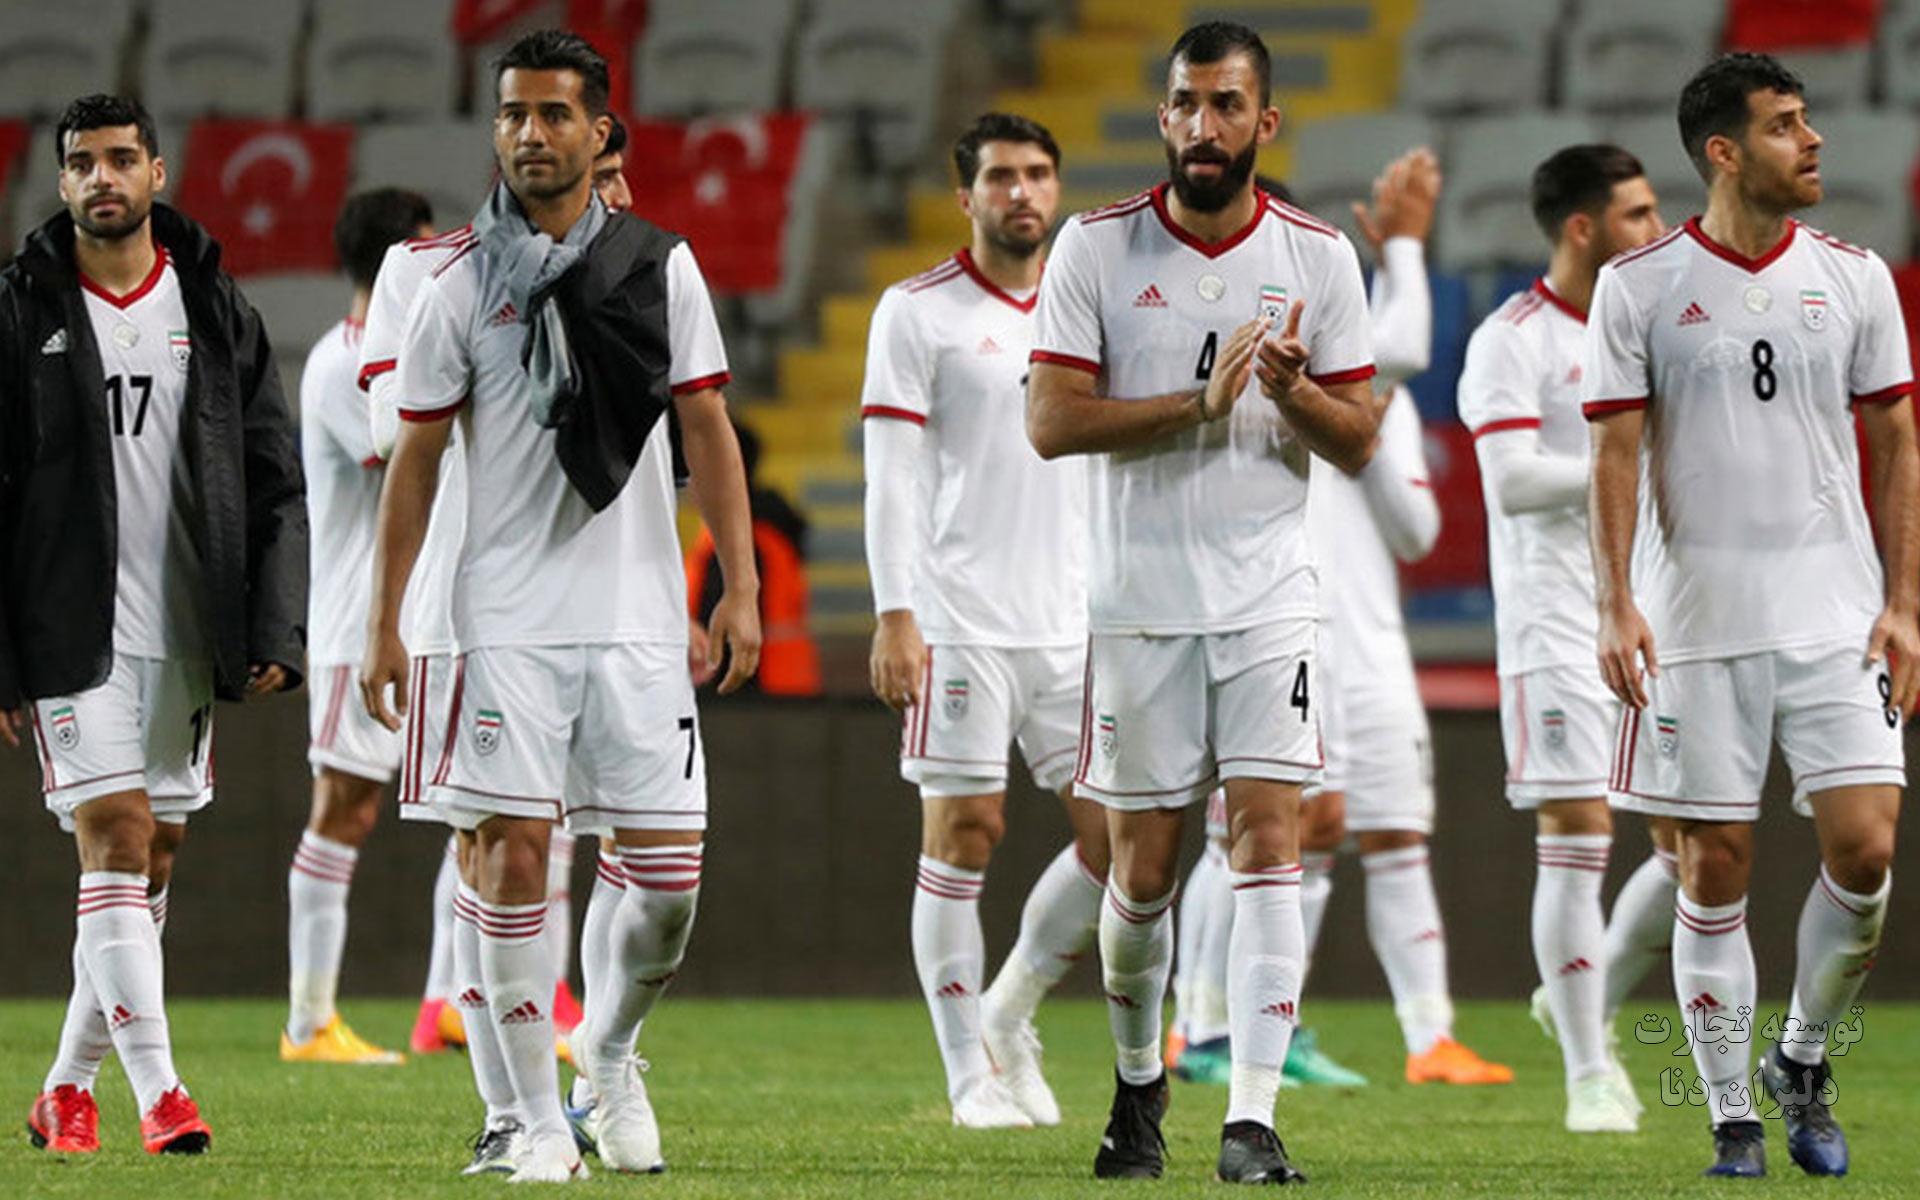 تصاویر با کیفیت تیم ملی فوتبال ایران برای پس زمینه 13